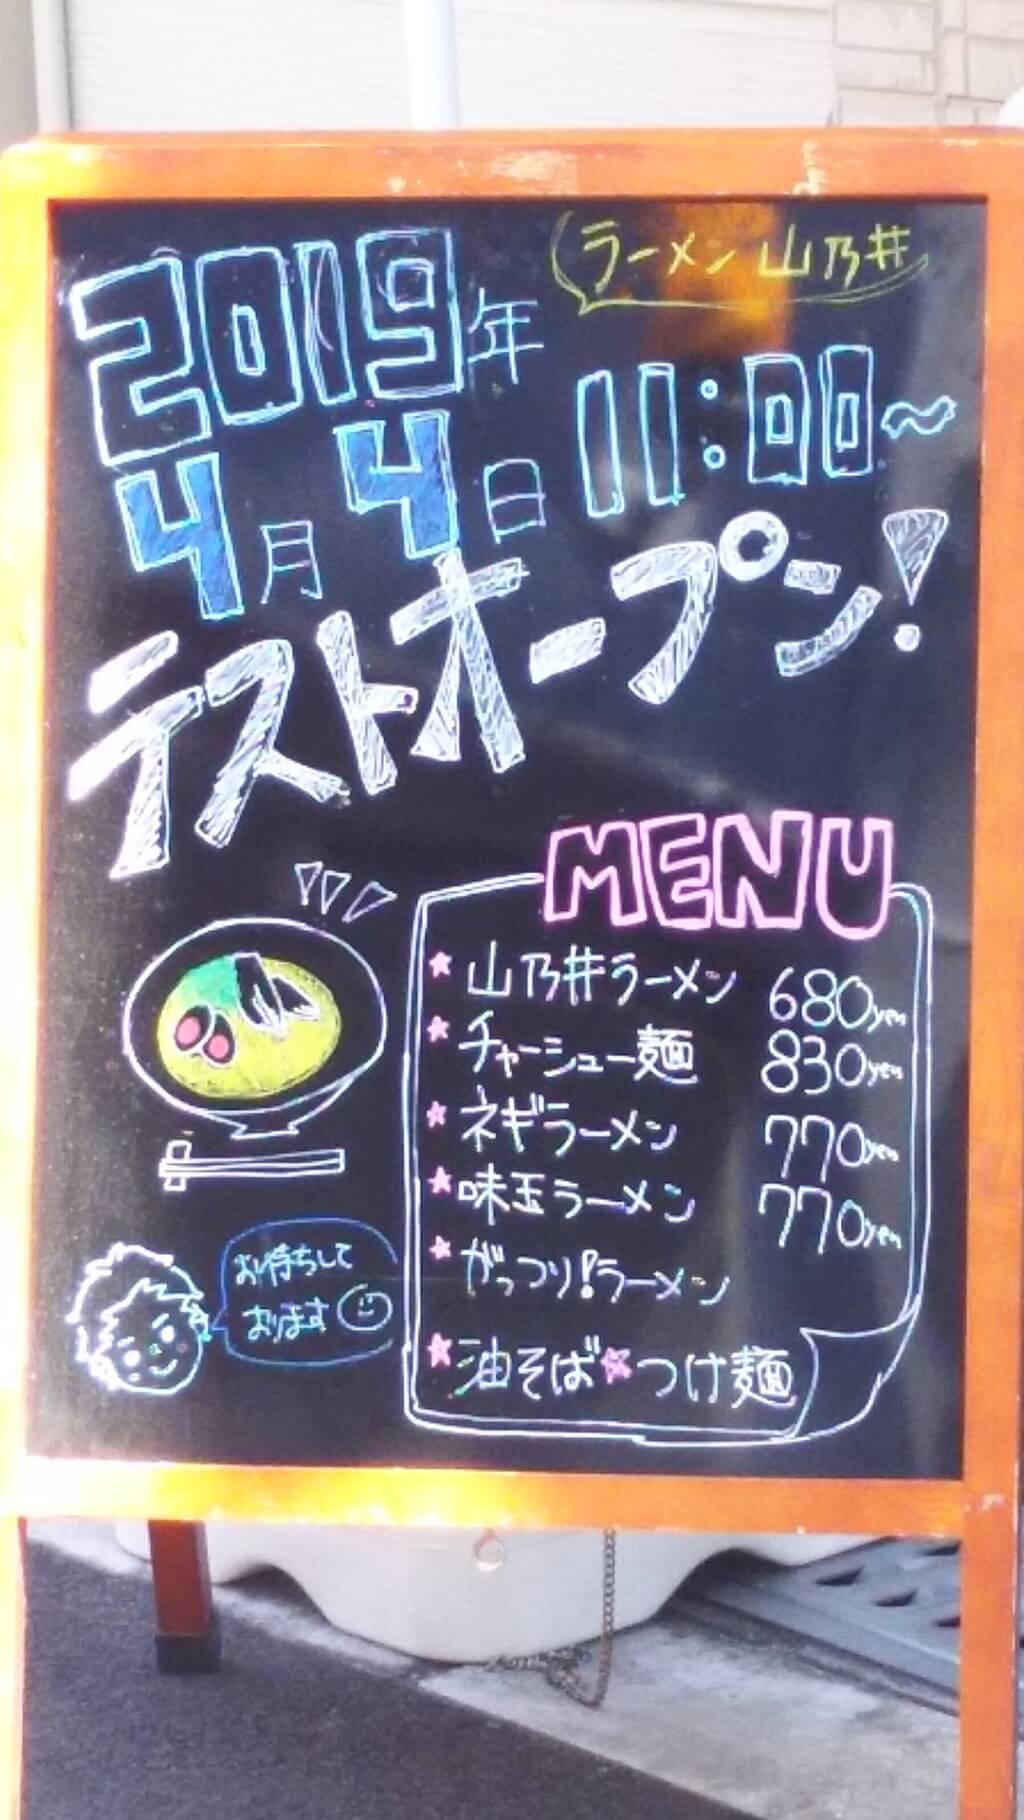 ラーメン山乃井 テスト オープンの 看板